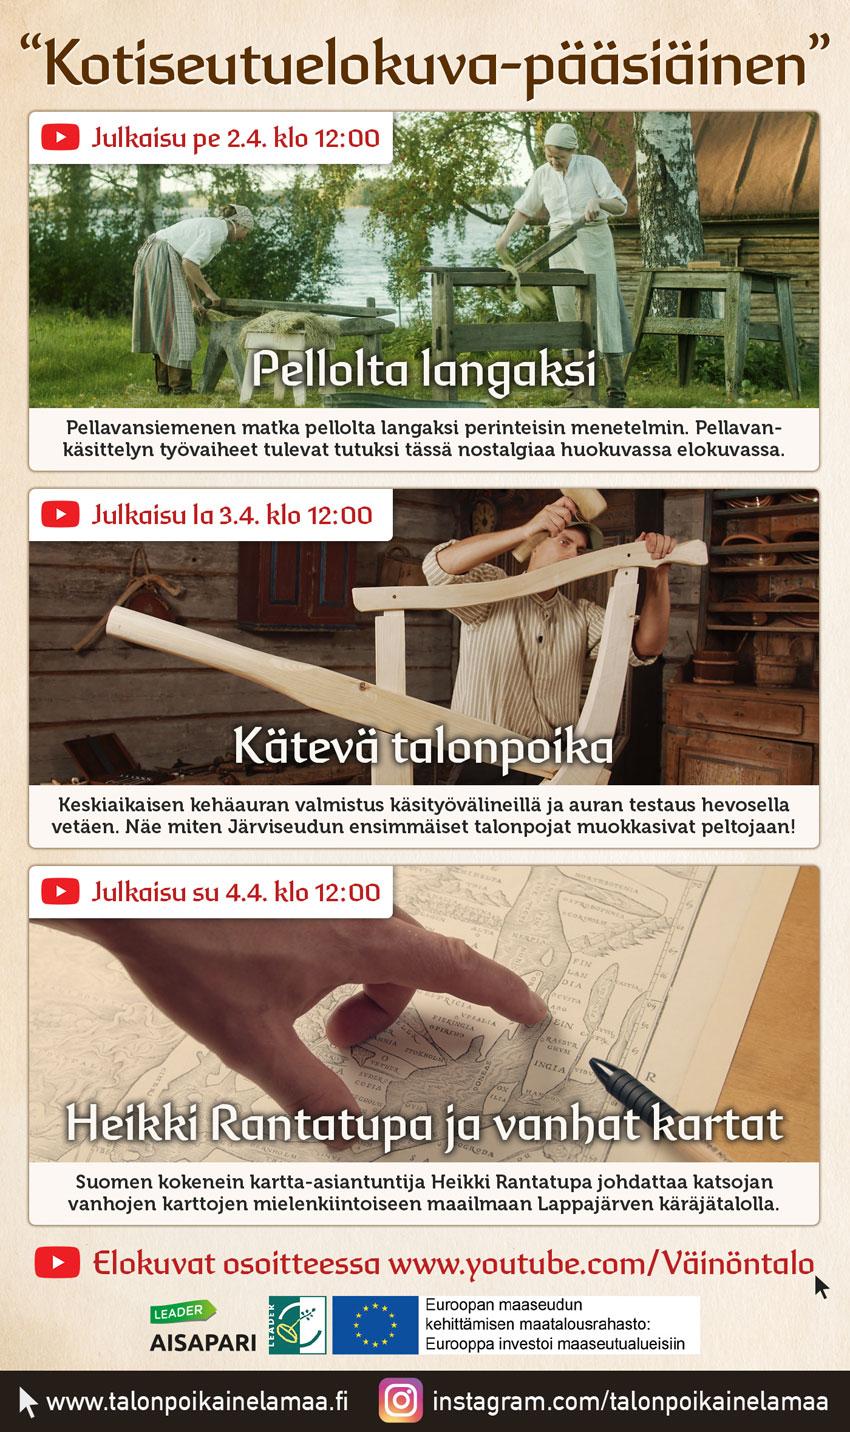 Kuvassa mainos pääsiäsenä julkaistavista elokuvista